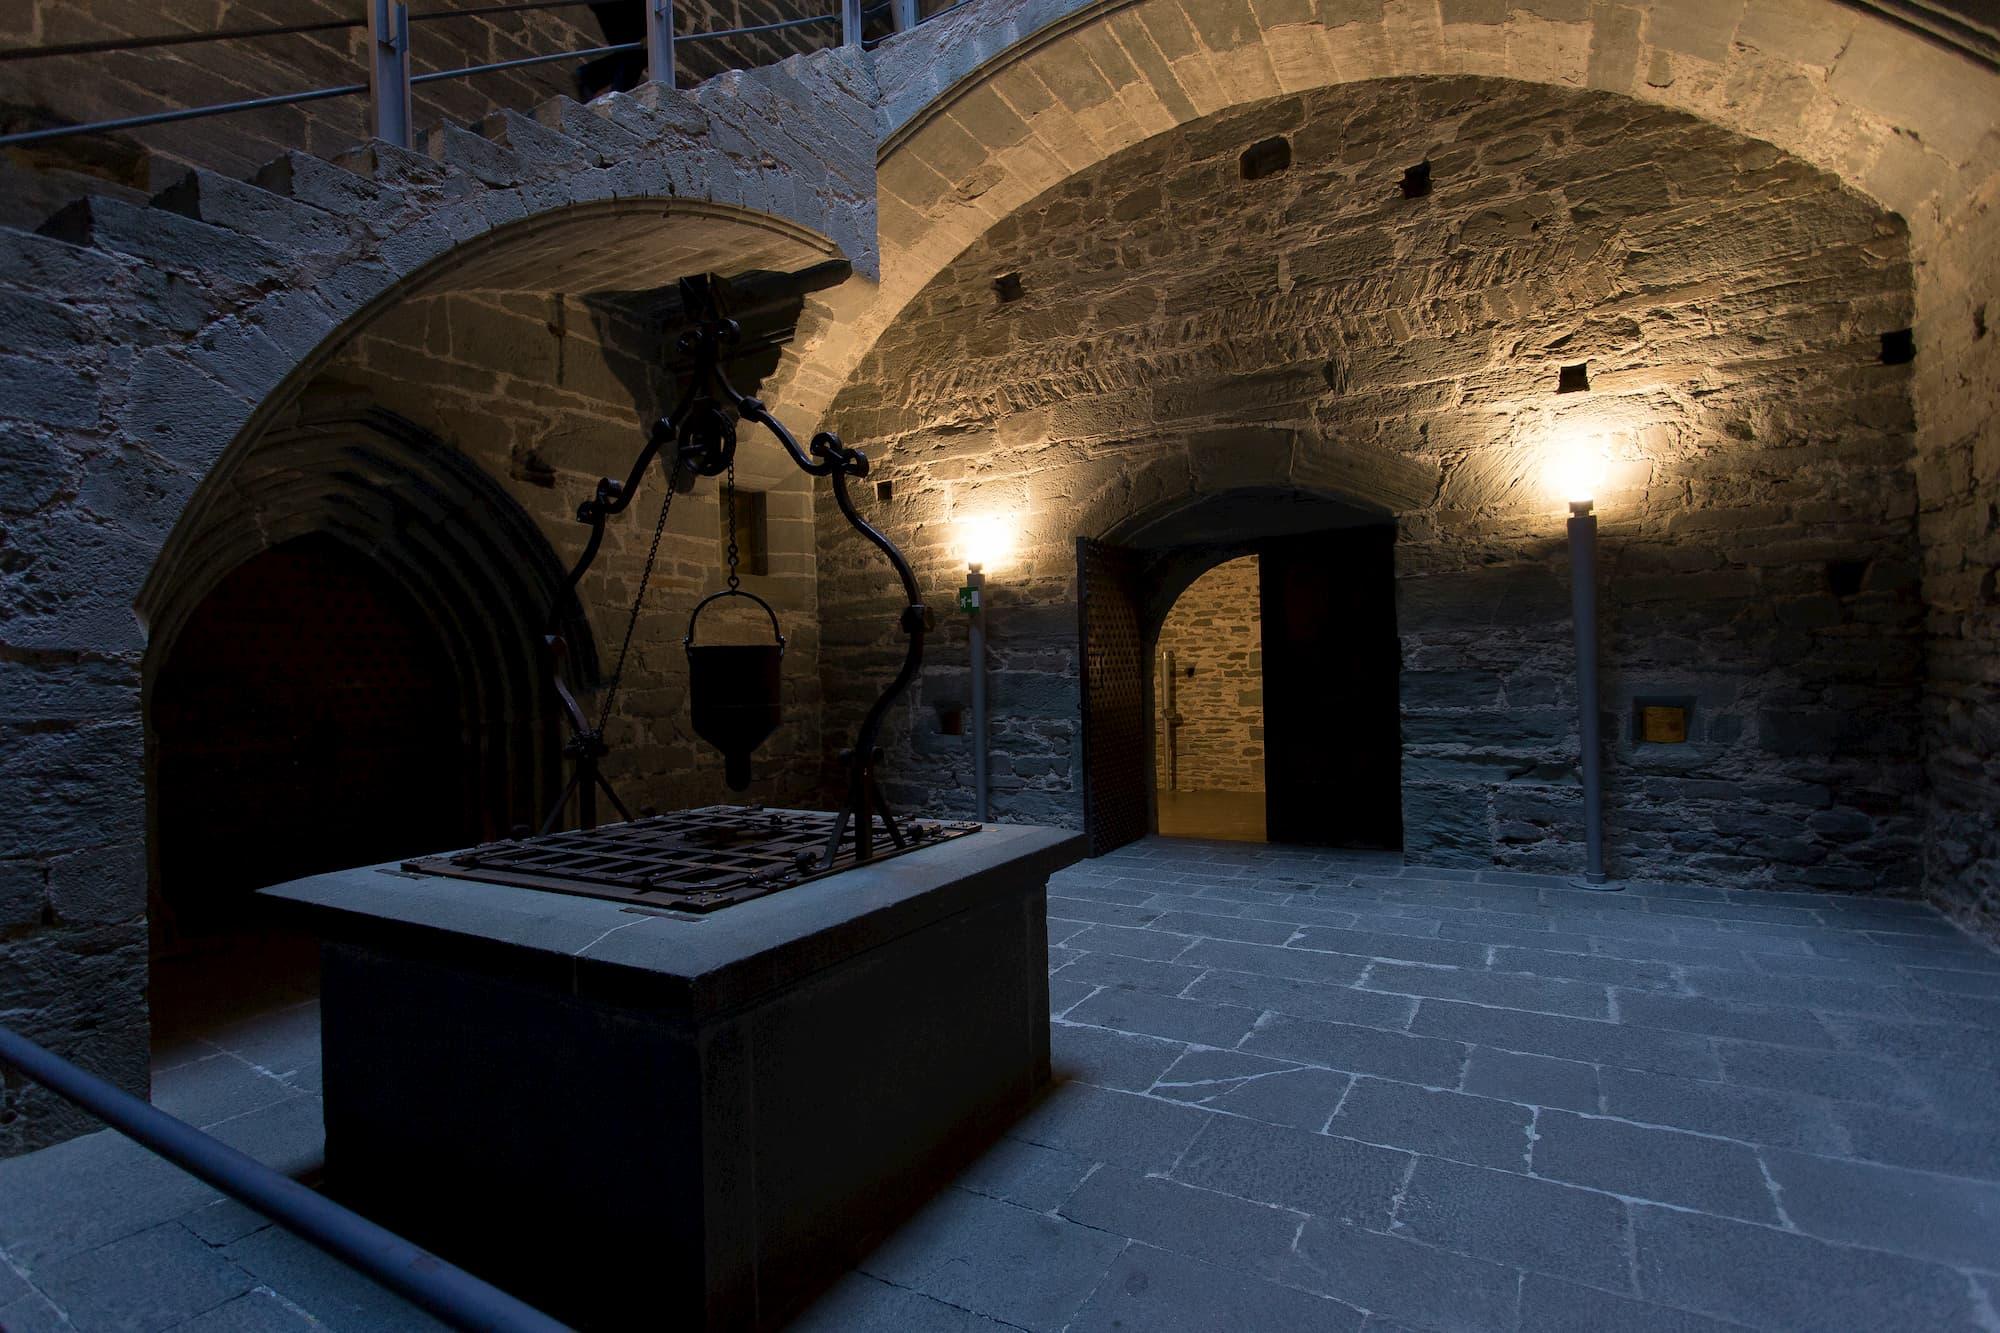 foto di castelli verres fotografia medioevo